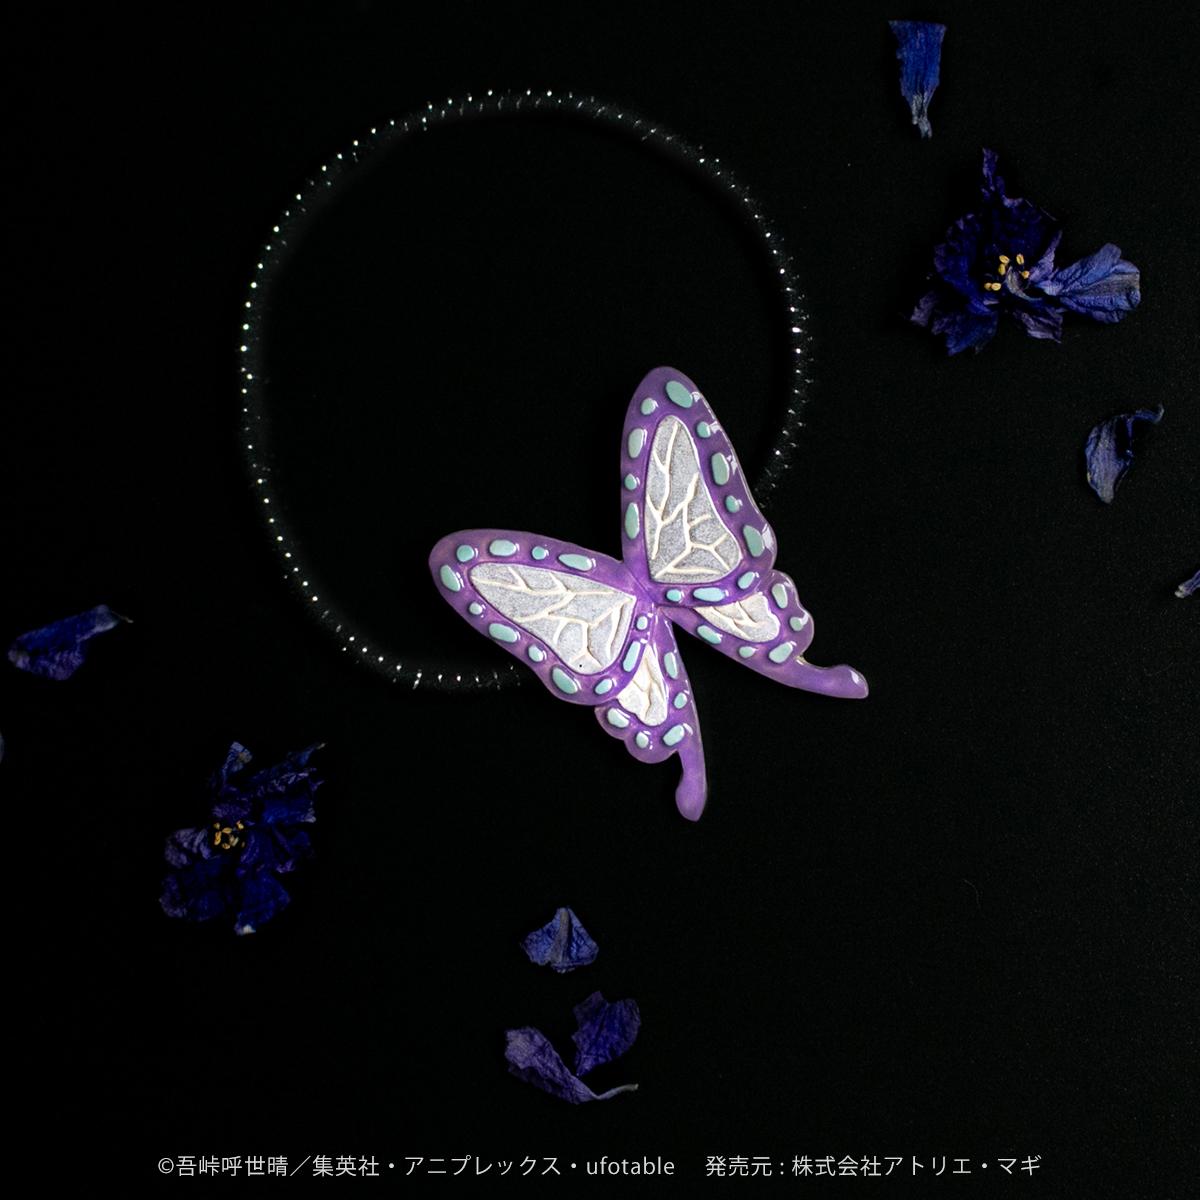 胡蝶しのぶ ヘアゴム【鬼滅の刃】